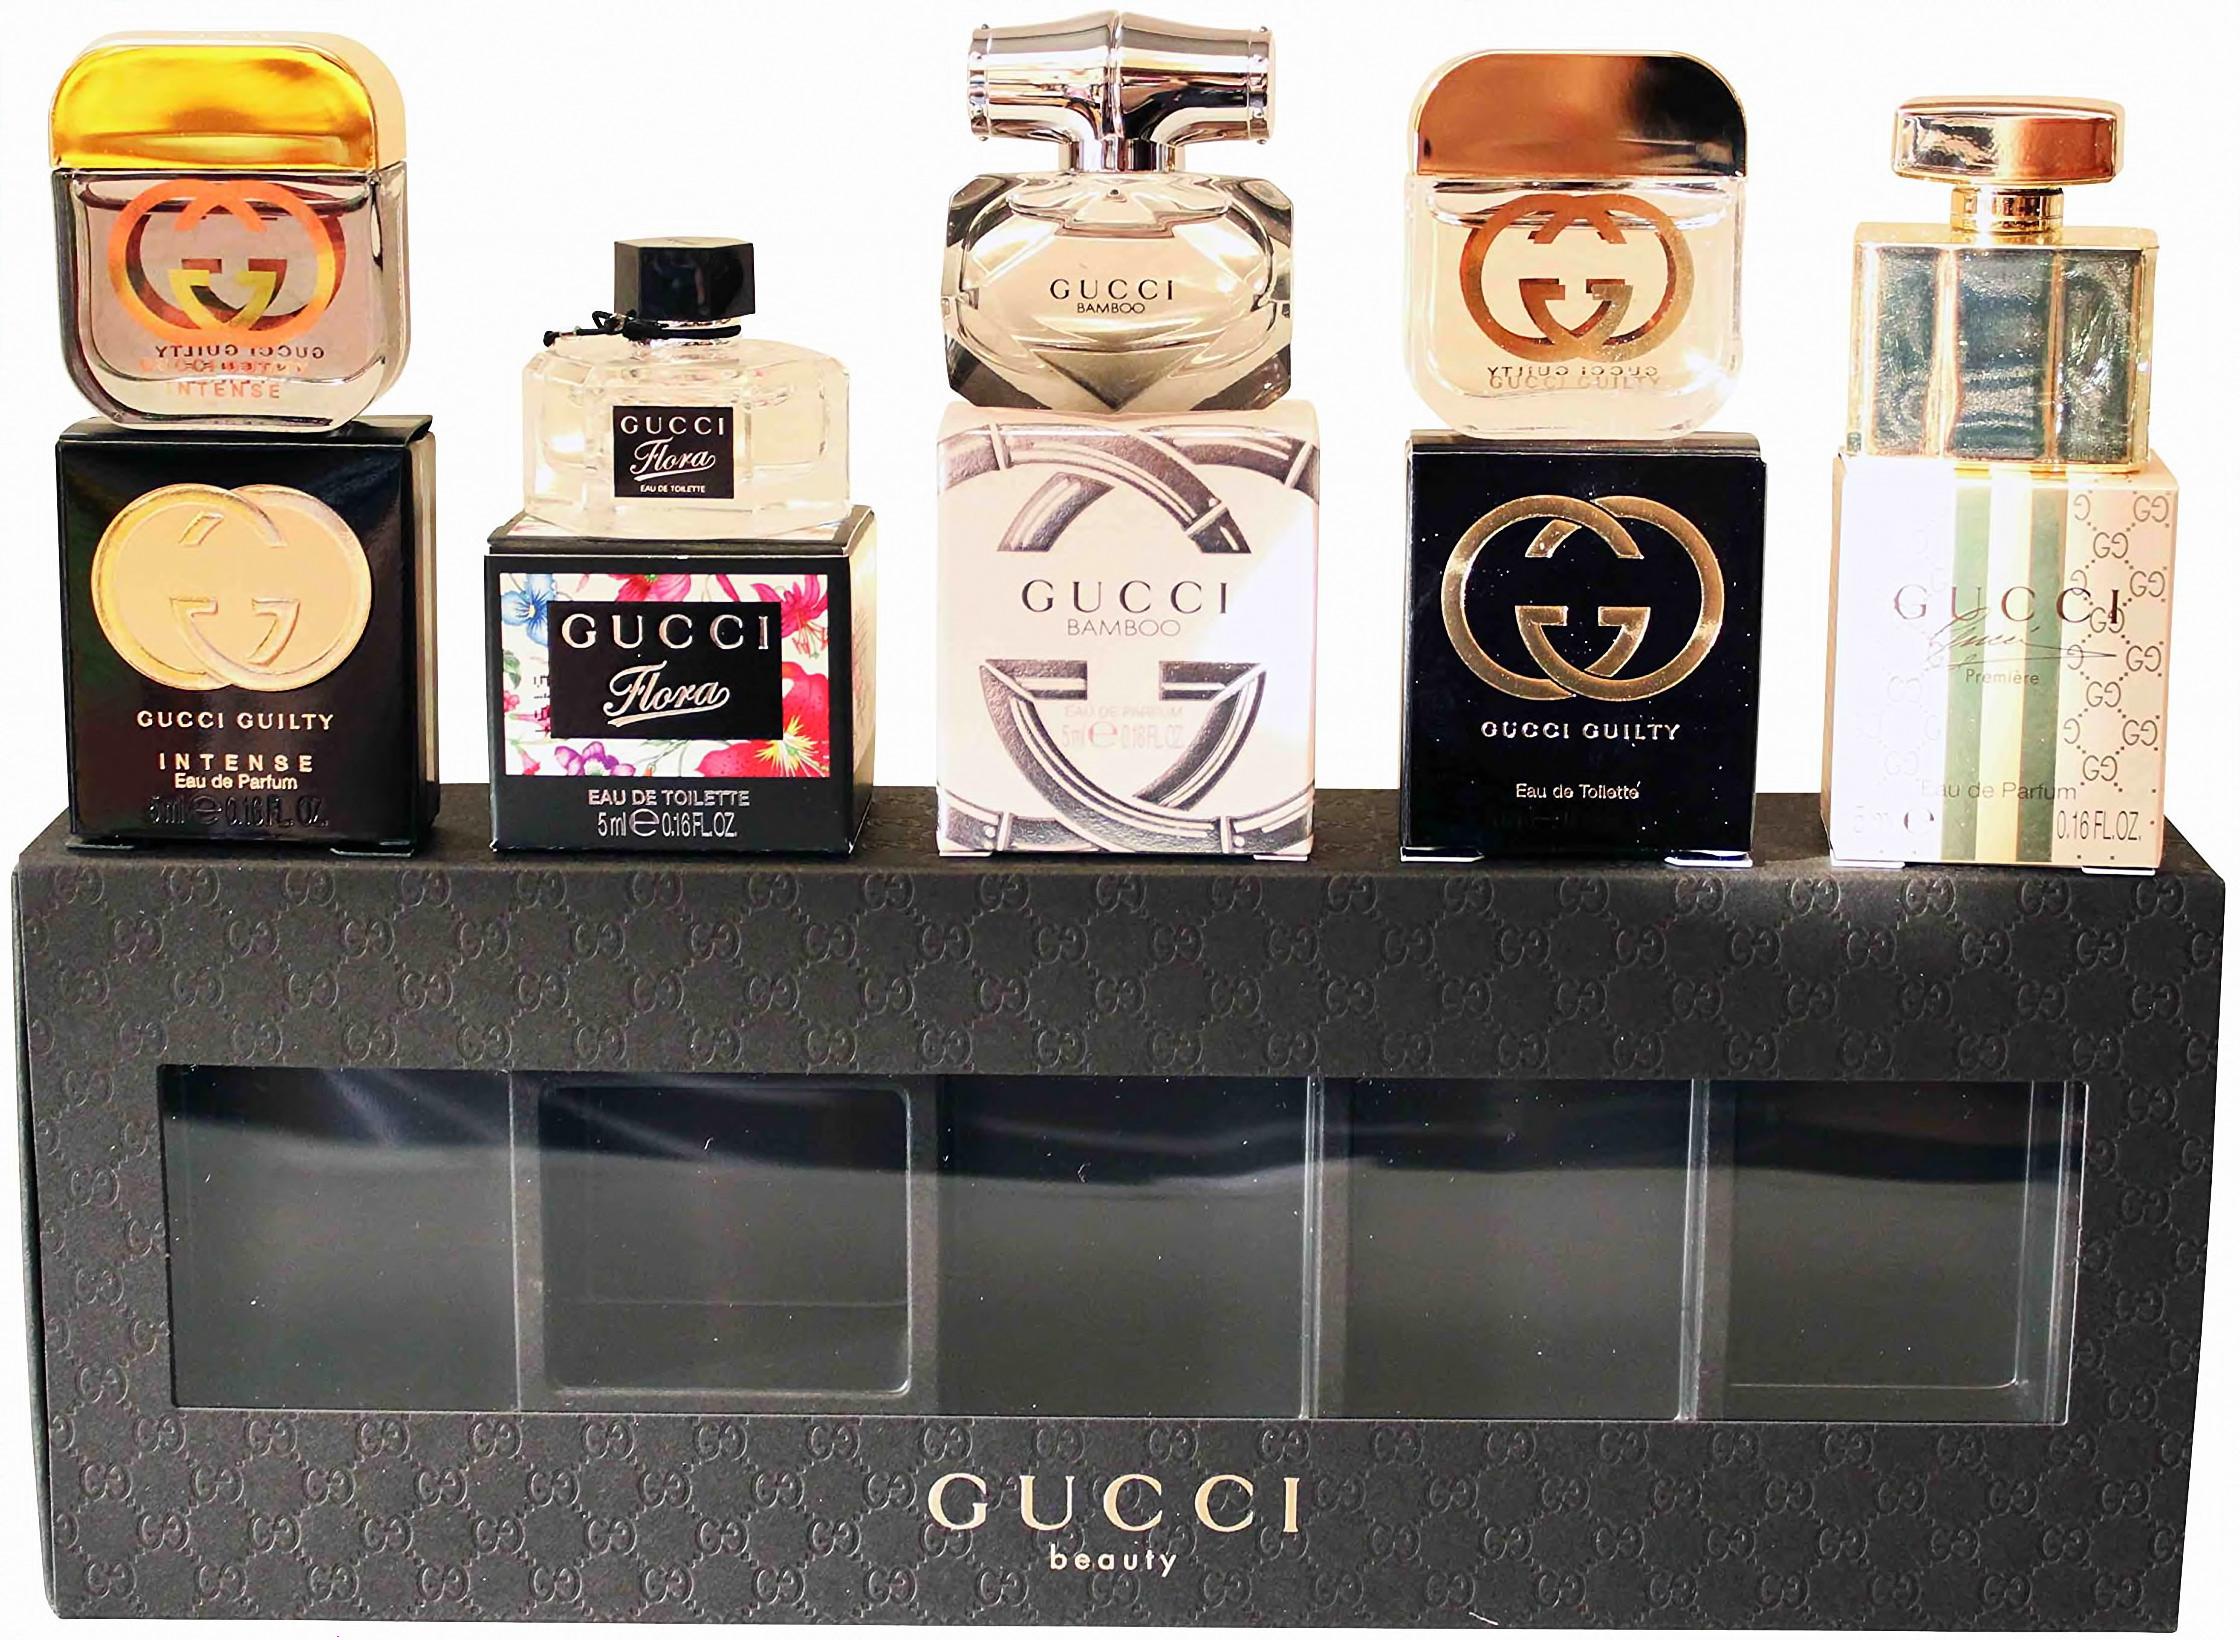 5c62044e3 Gucci Miniatury Dárková sada 5 miniatur v krabičkách